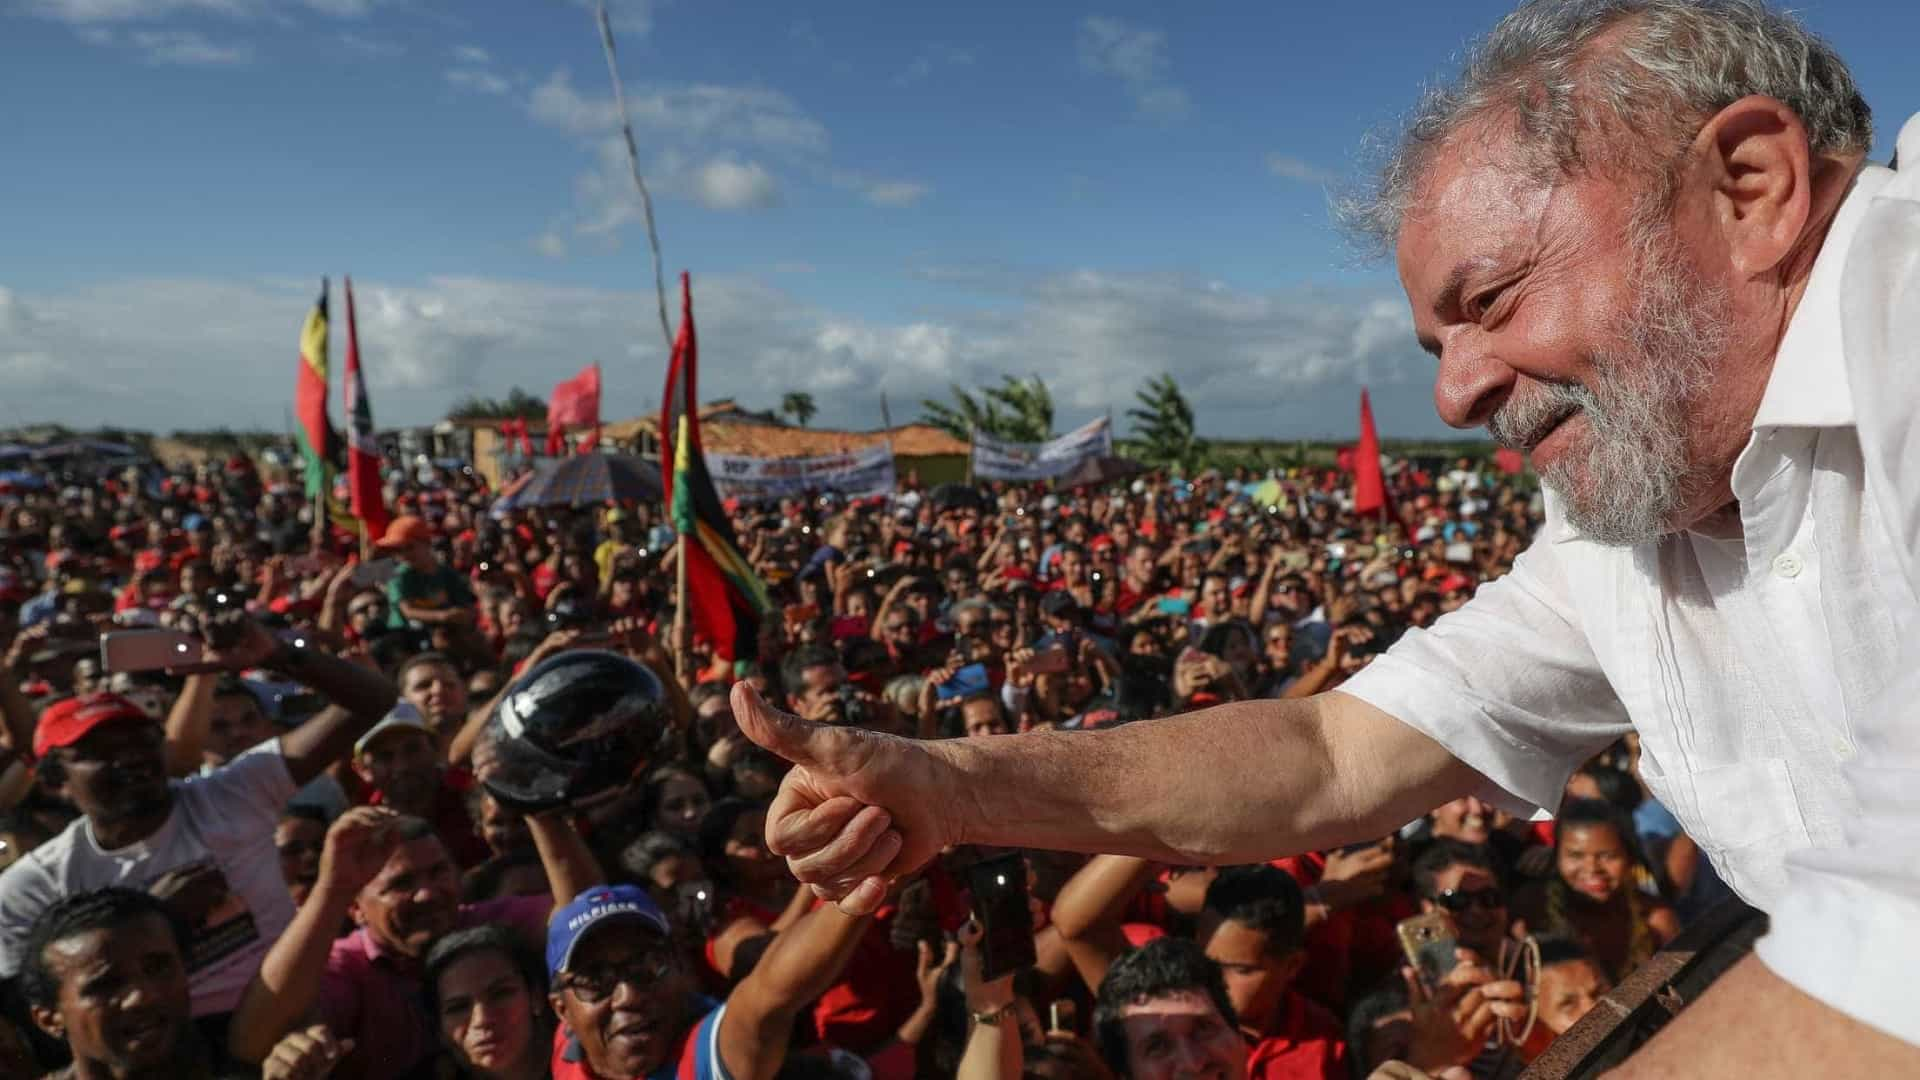 'Ninguém acredita no que ele fala', diz Lula ao criticar Temer